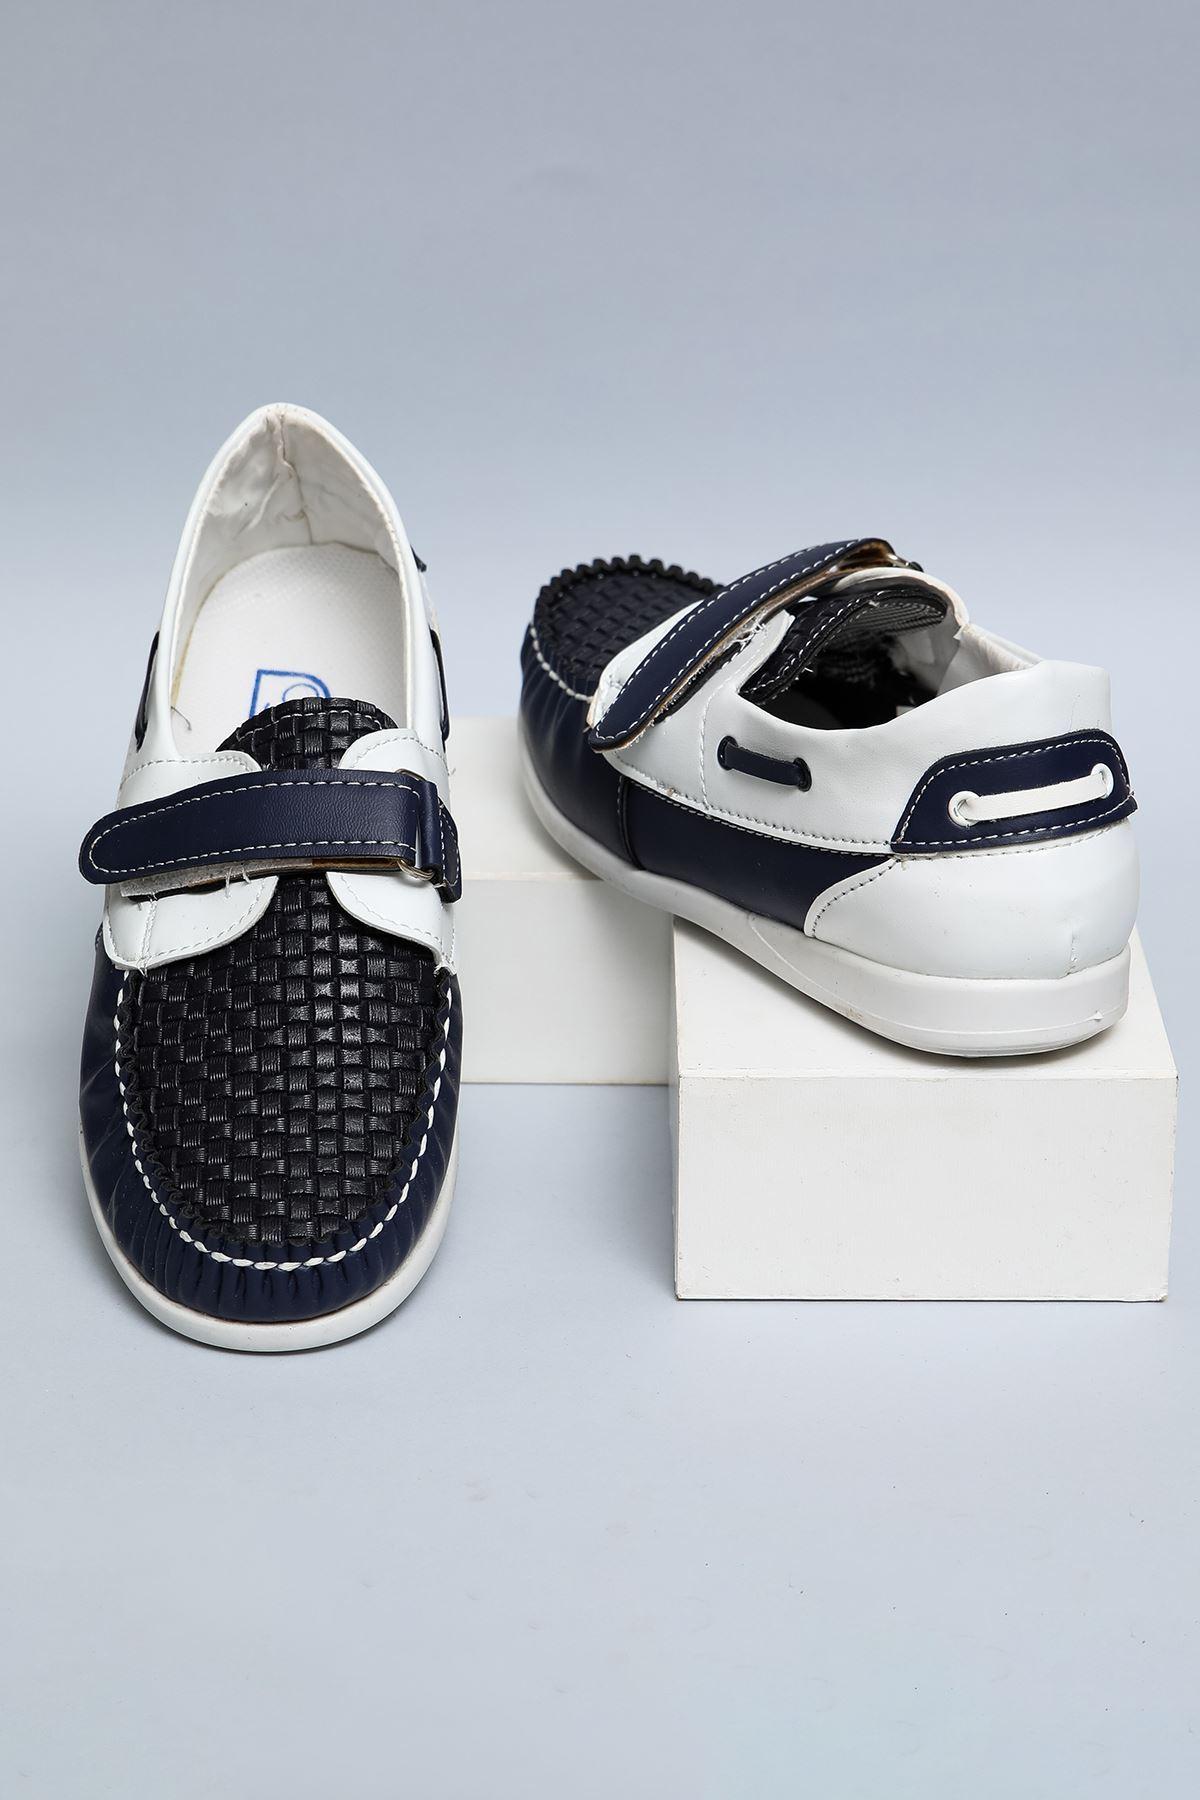 Laciverte Beyaz Garnili Örgülü Cırtlı Erkek Çocuk Ayakkabı